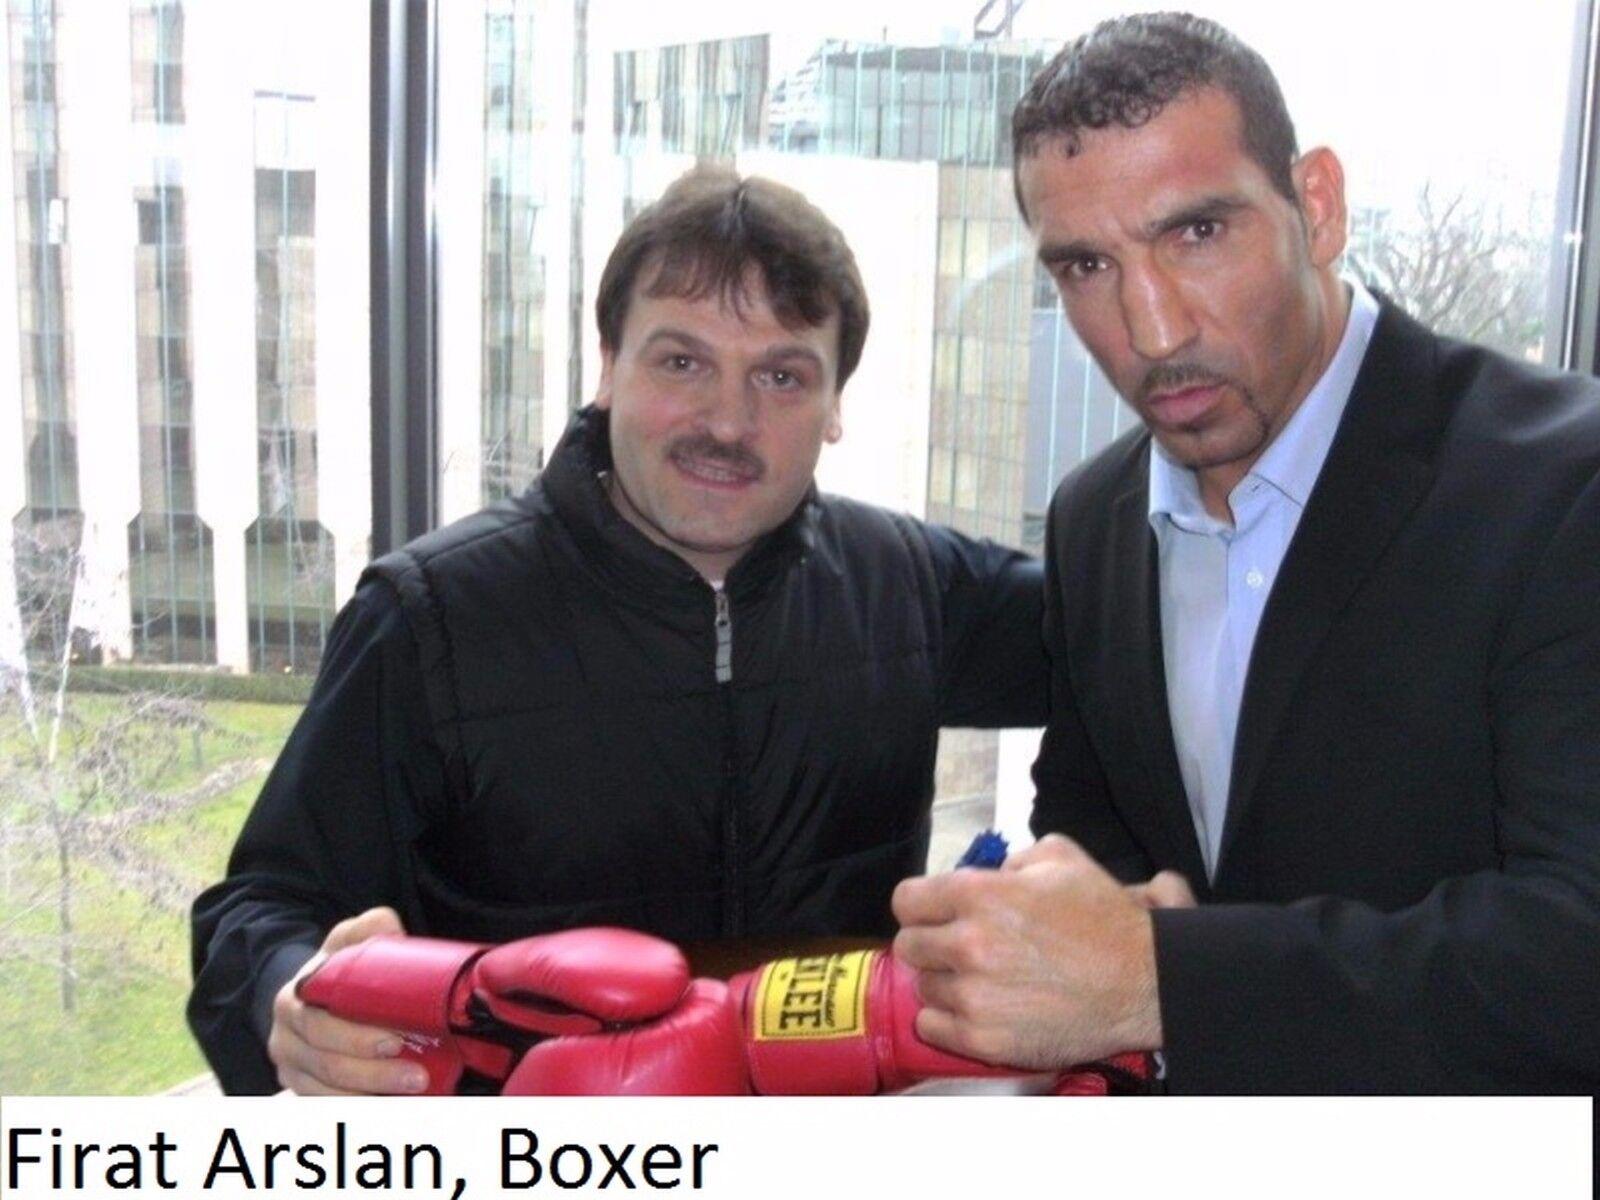 Firat Arslan Box-Europameister Handsigniert Boxhandschuhe;Original Handsigniert Box-Europameister